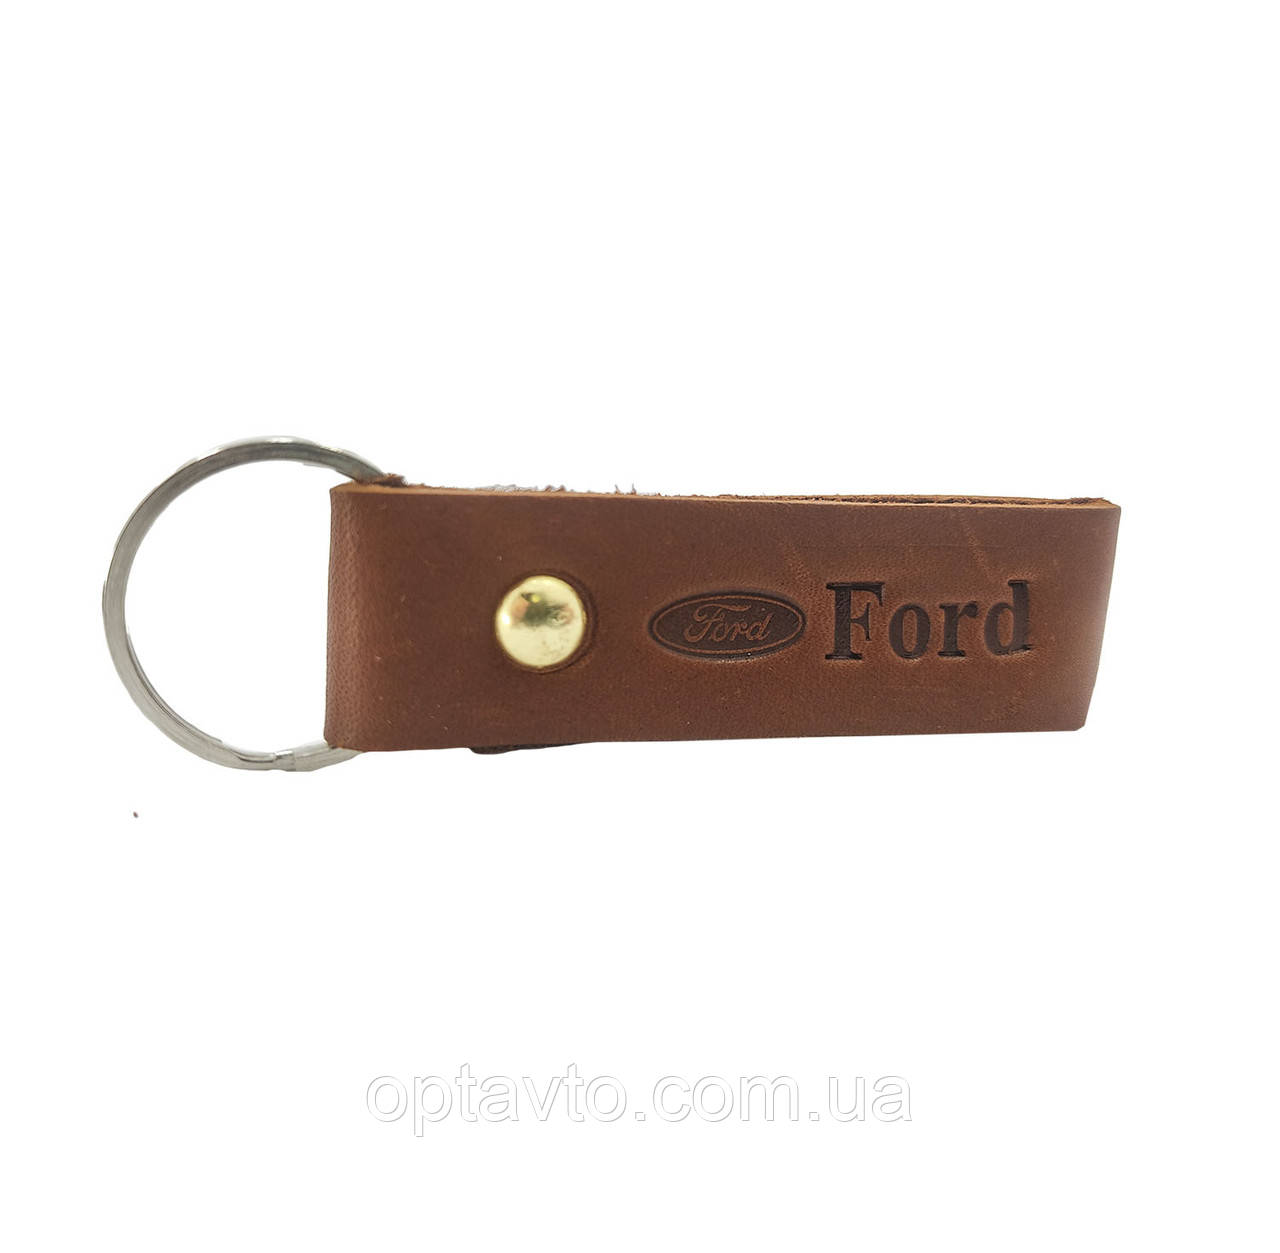 Кожаный брелок Ford. Авто брелок на ключи двухсторонний, кожа Форд.